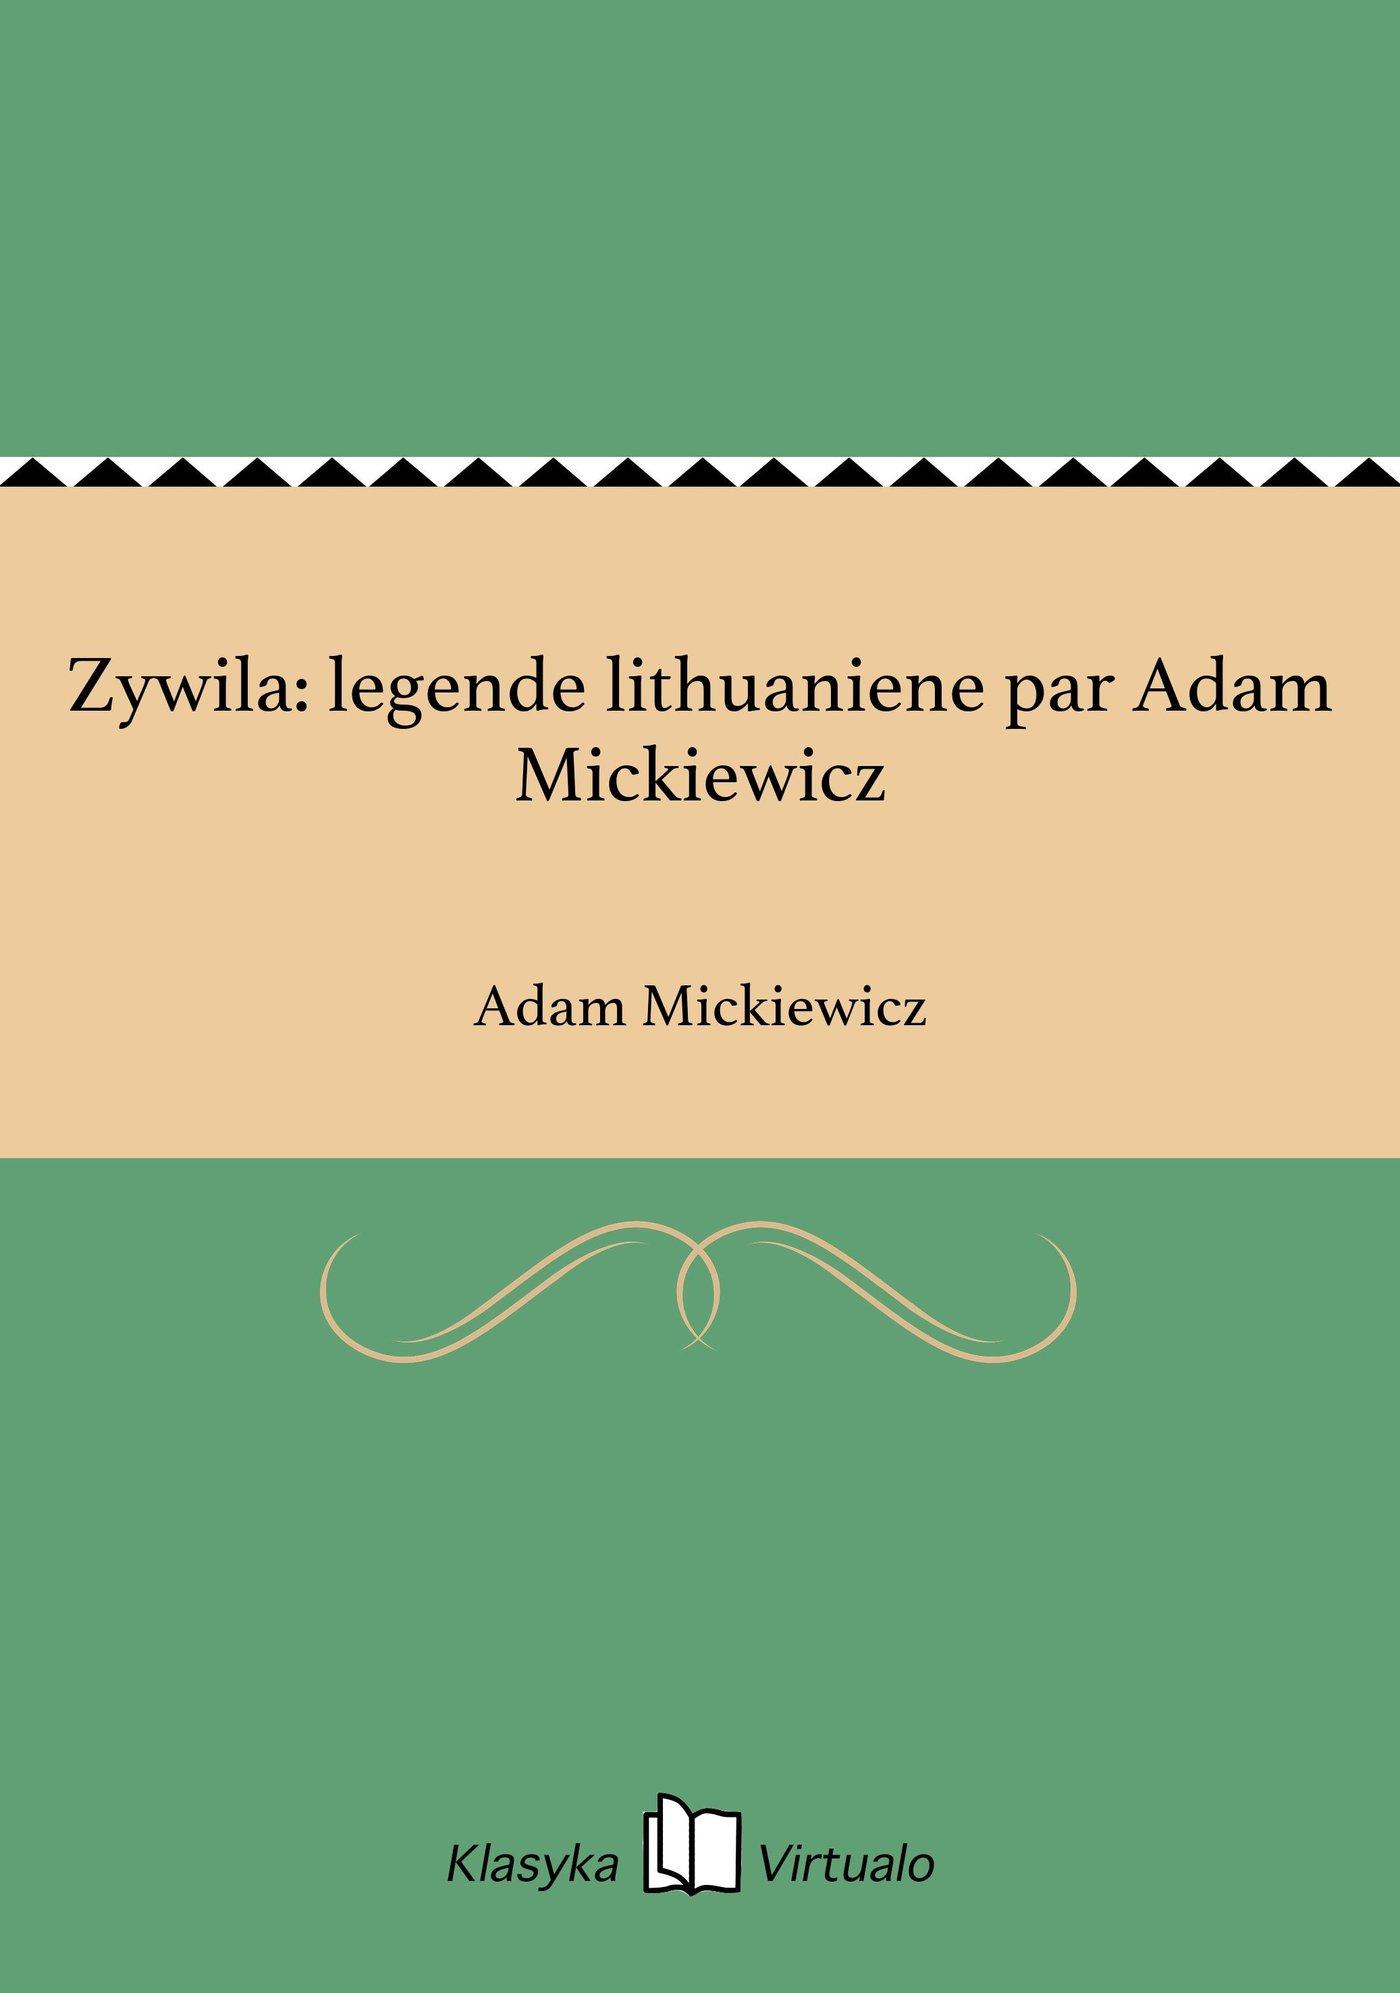 Zywila: legende lithuaniene par Adam Mickiewicz - Ebook (Książka EPUB) do pobrania w formacie EPUB